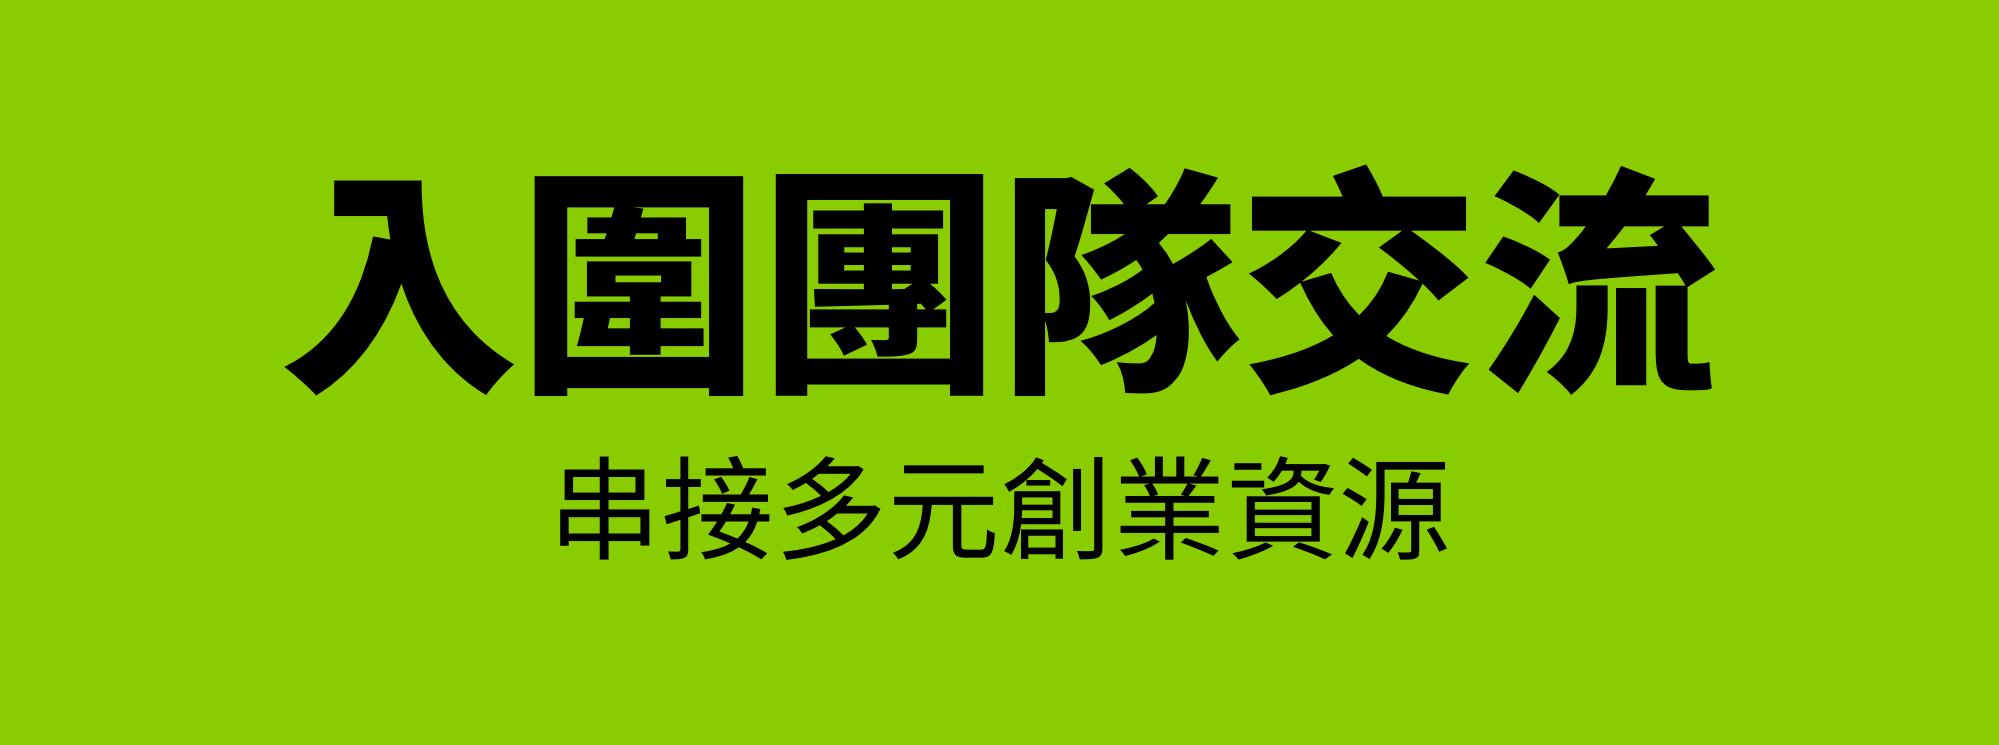 May.05 l 入圍團隊交流.png